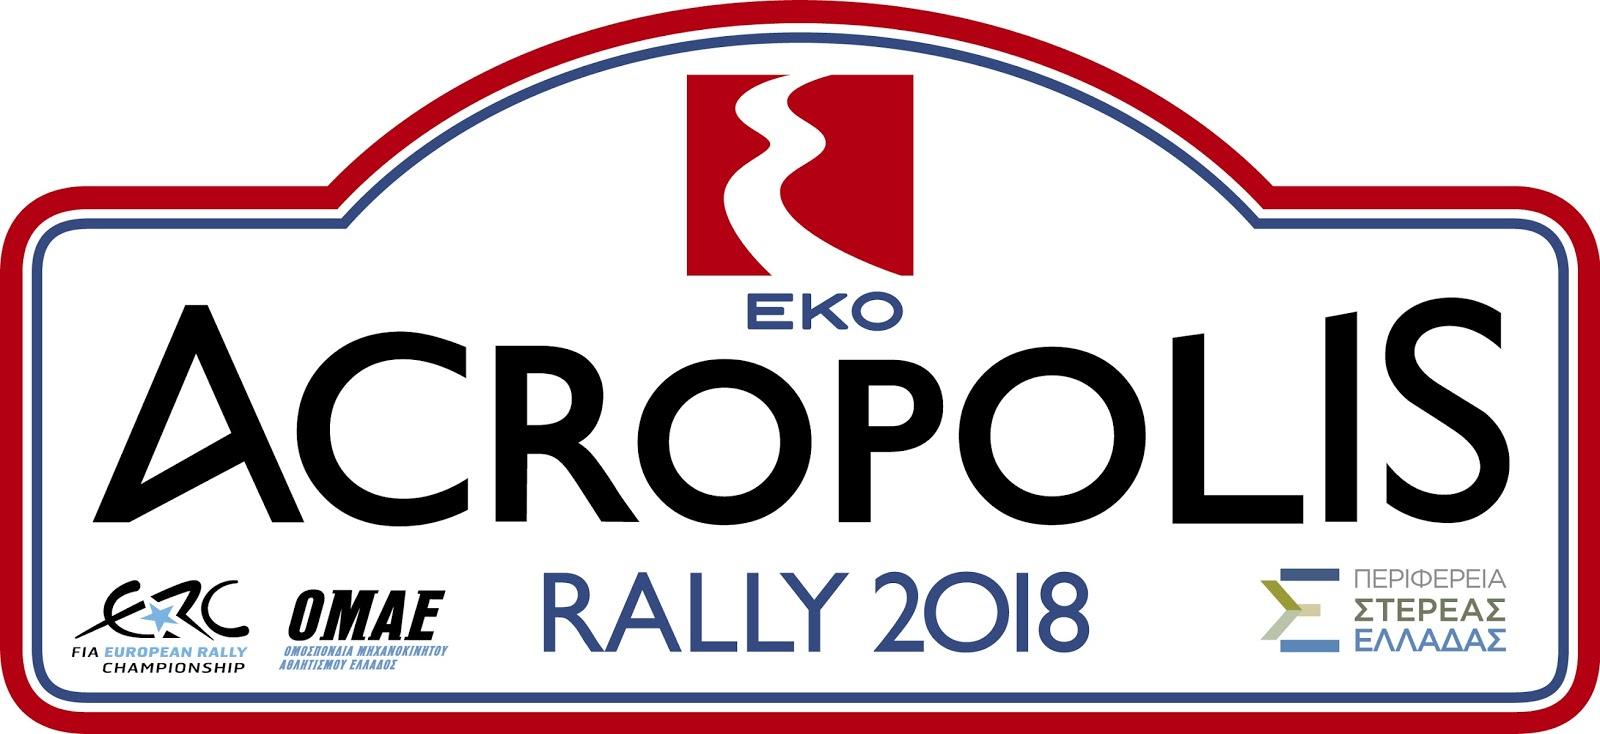 Συνέντευξη Τύπου για το EKO Ράλλυ Ακρόπολις 2018